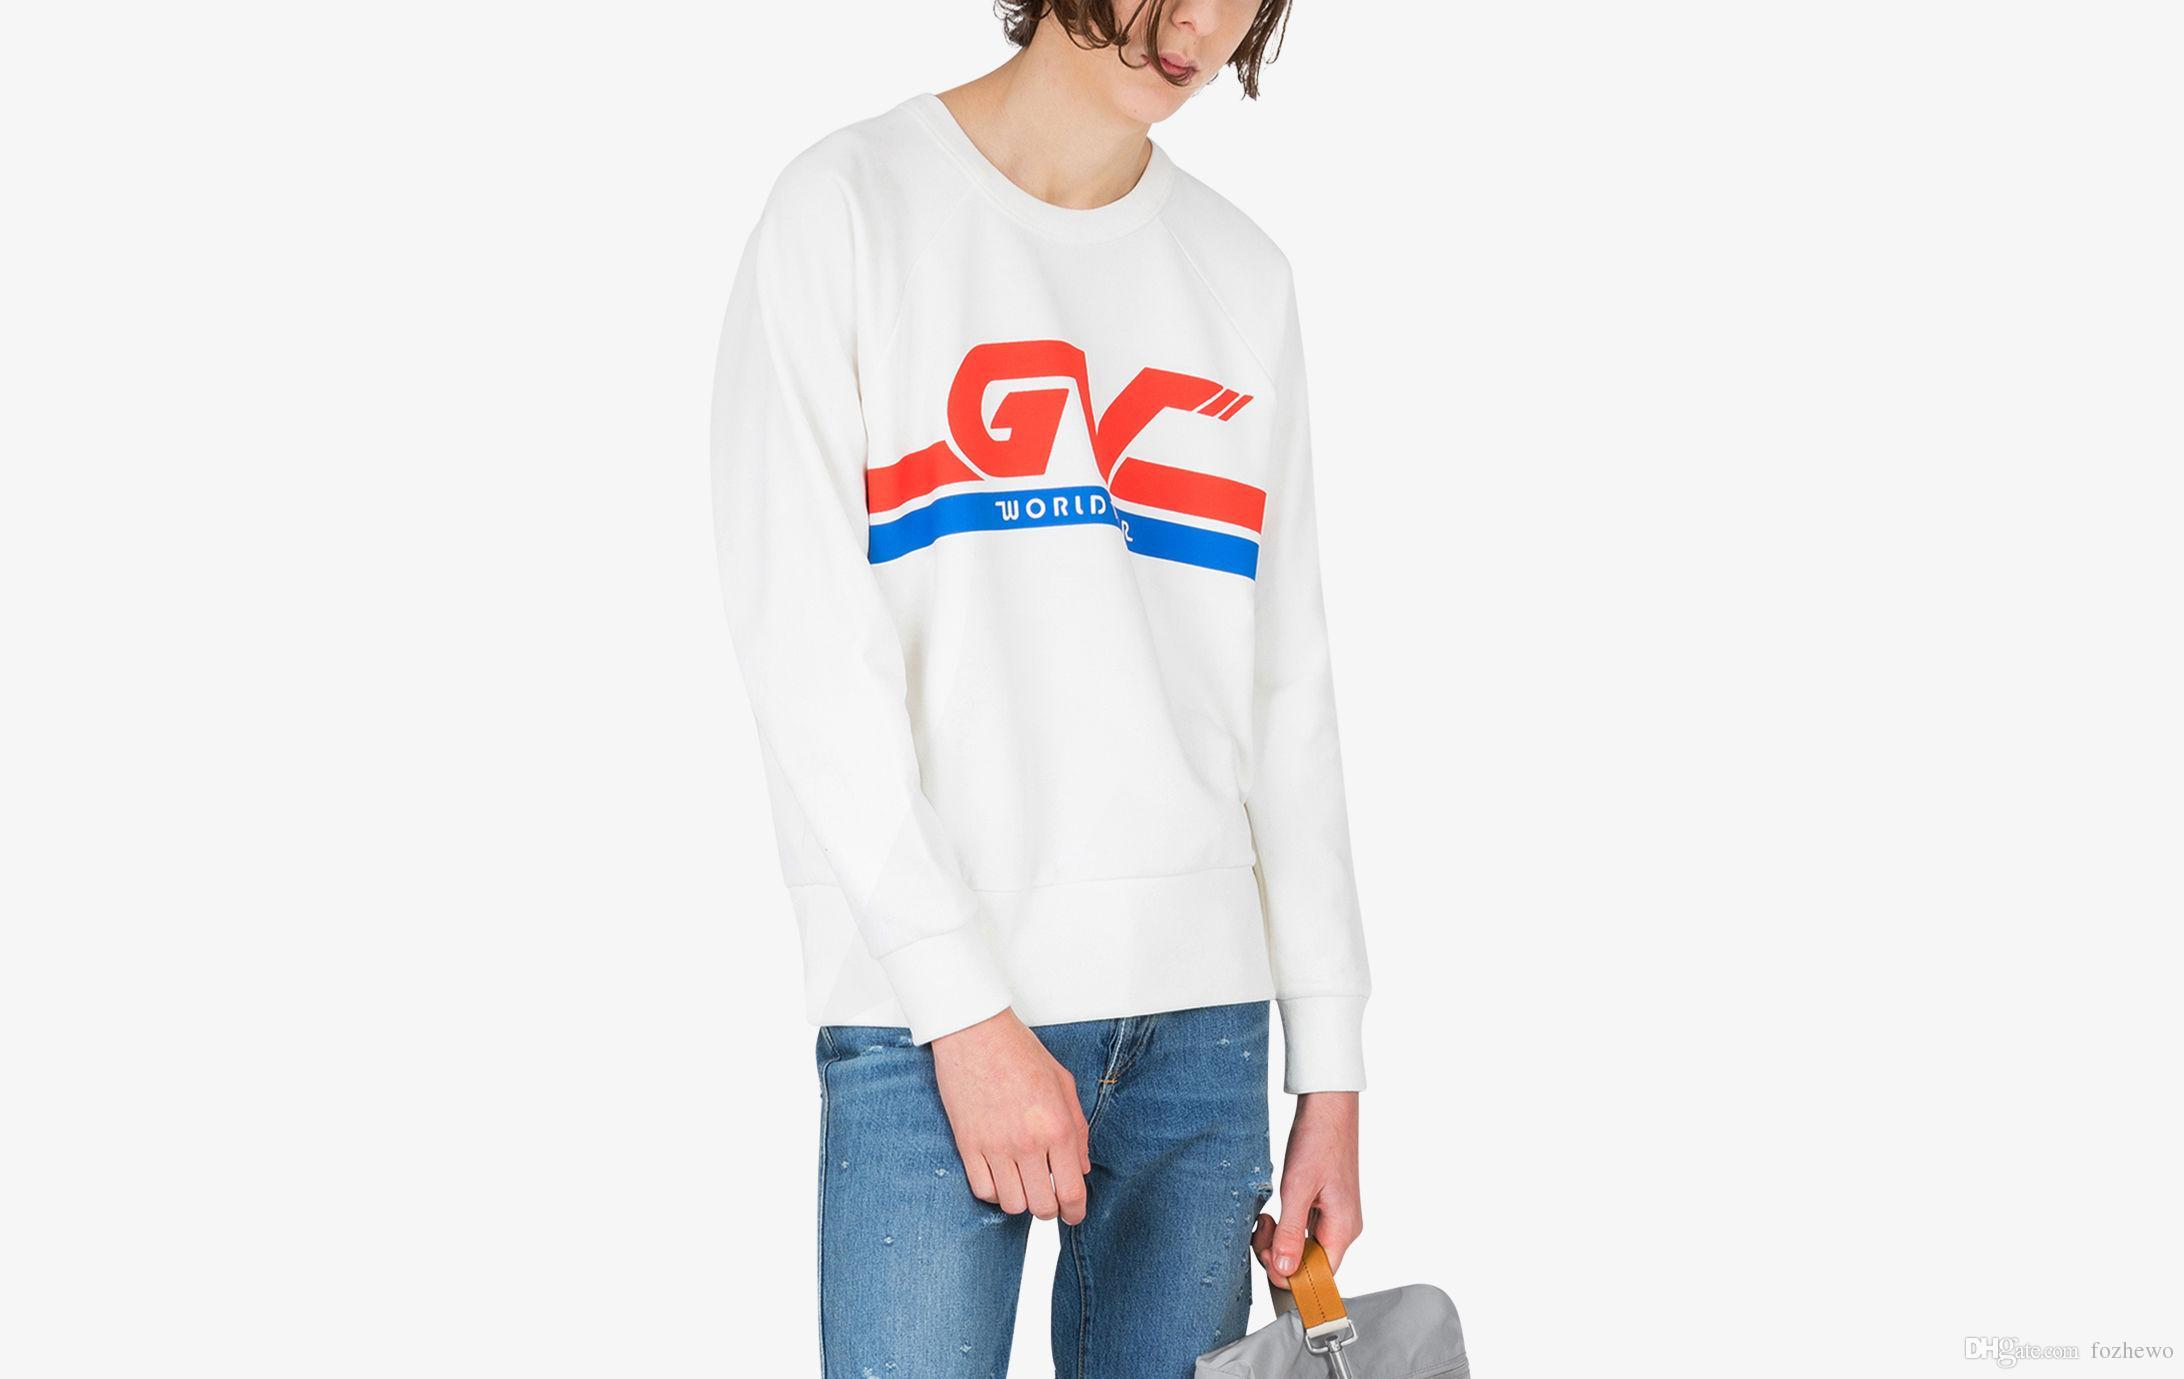 Casual Felpe Sportswear Acquista My Brand Inverno Uomo Autunno Nuovo qxHxXRY